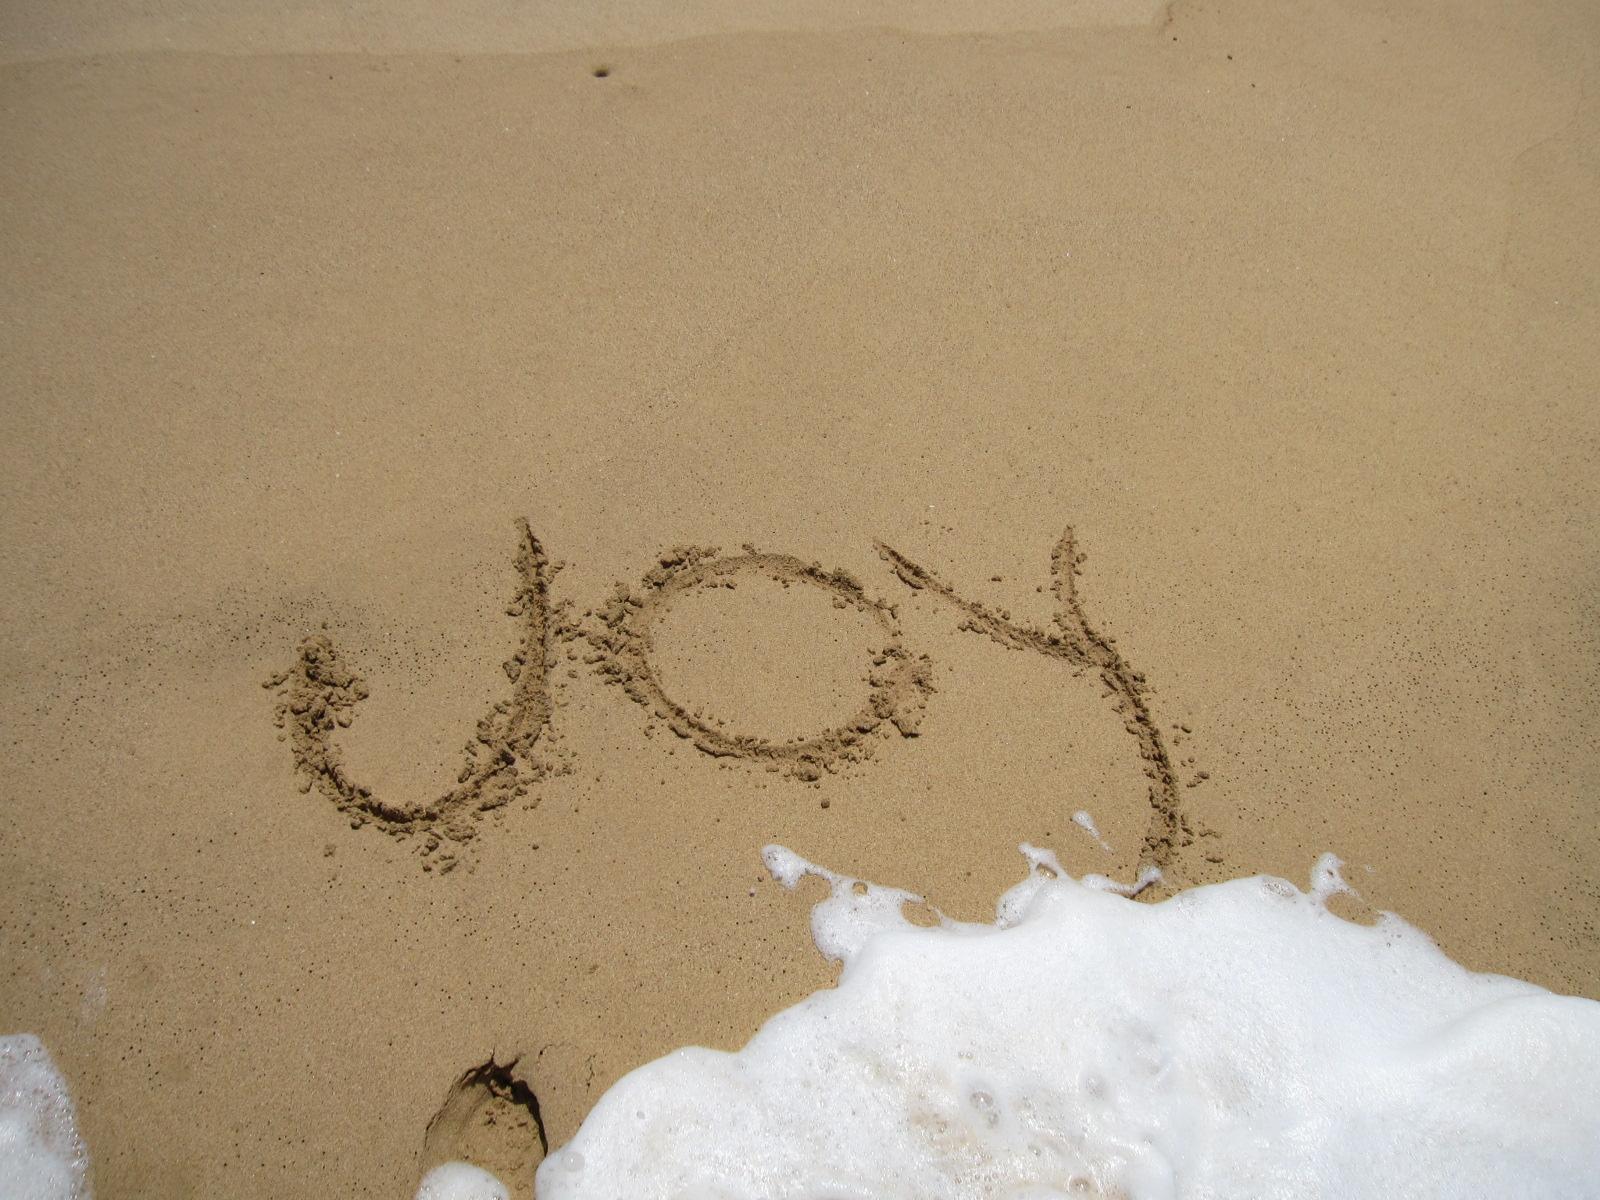 30 days of Joy - Kauai Beaches